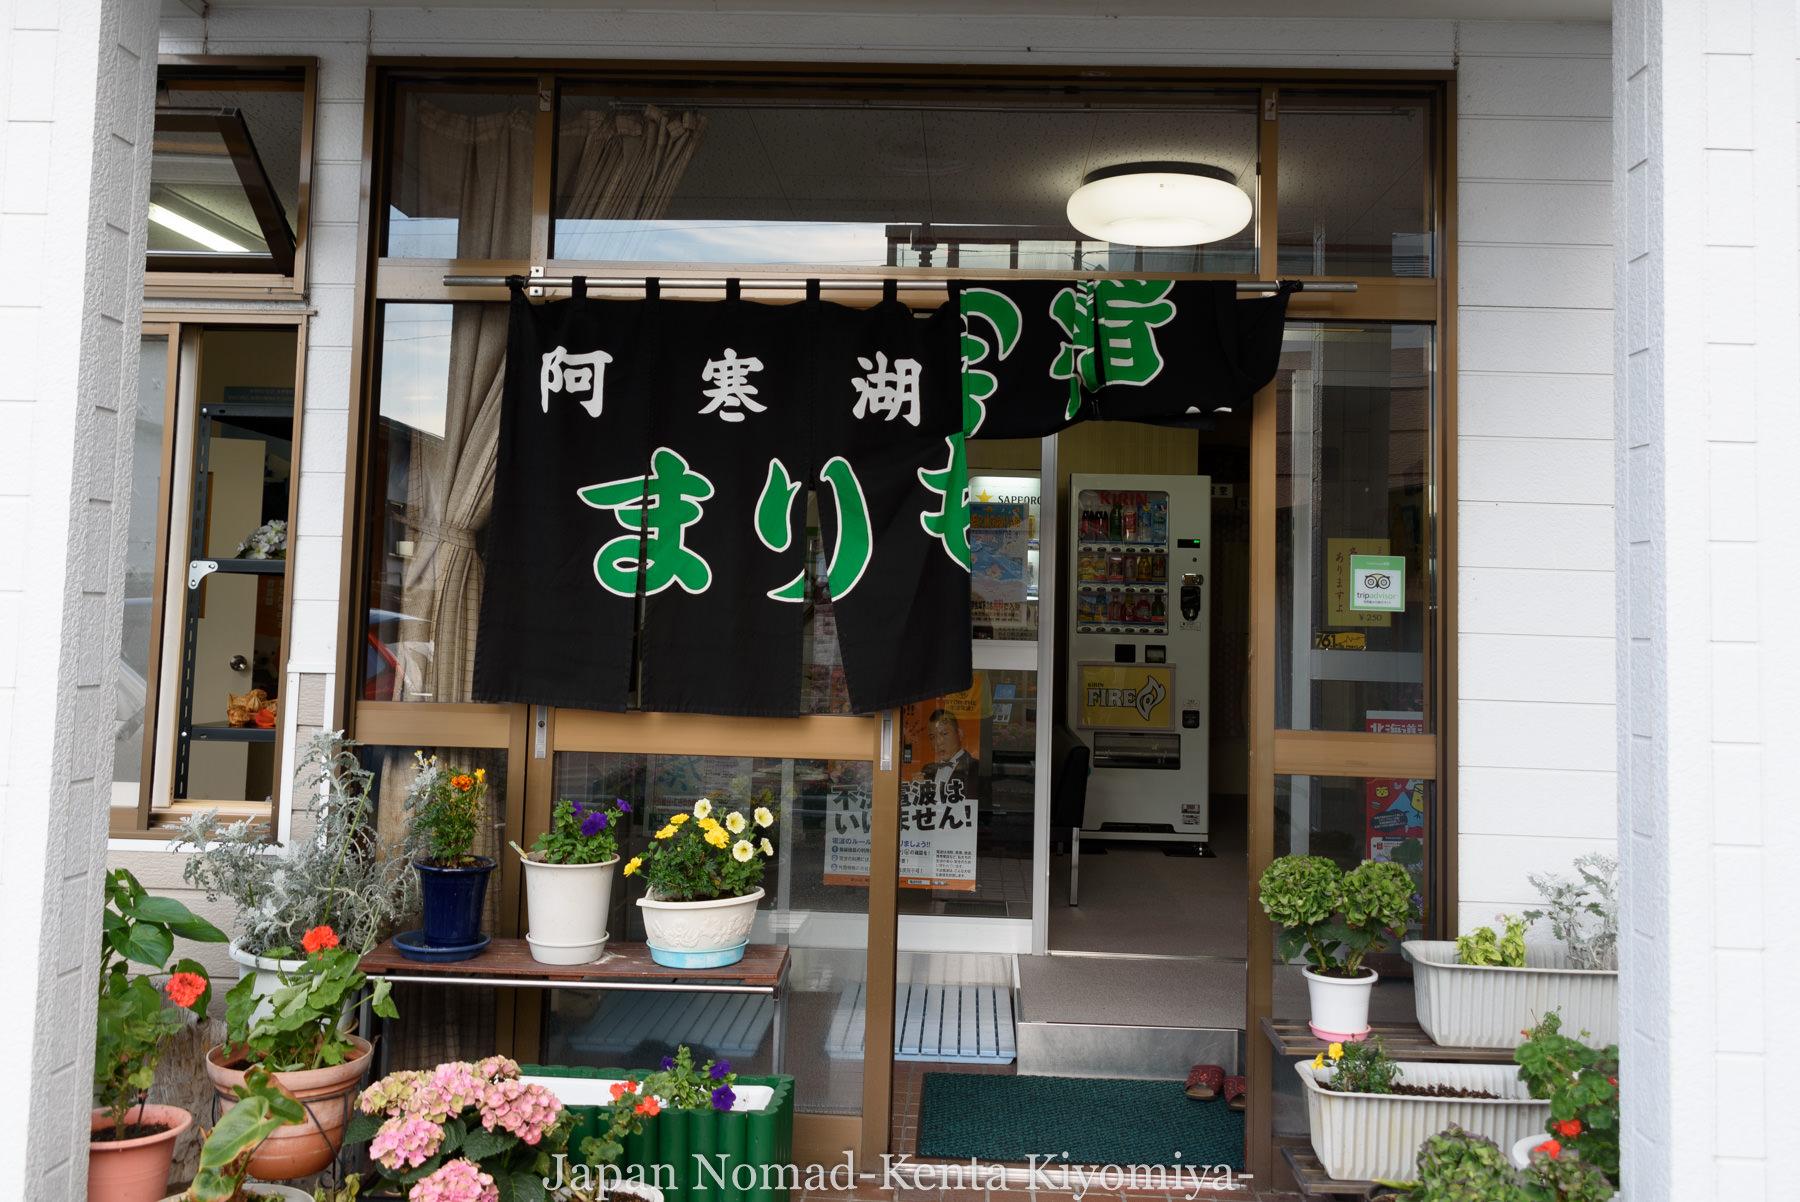 自転車日本一周98日目(阿寒湖、アイヌコタン、まりも)-Japan Nomad (40)